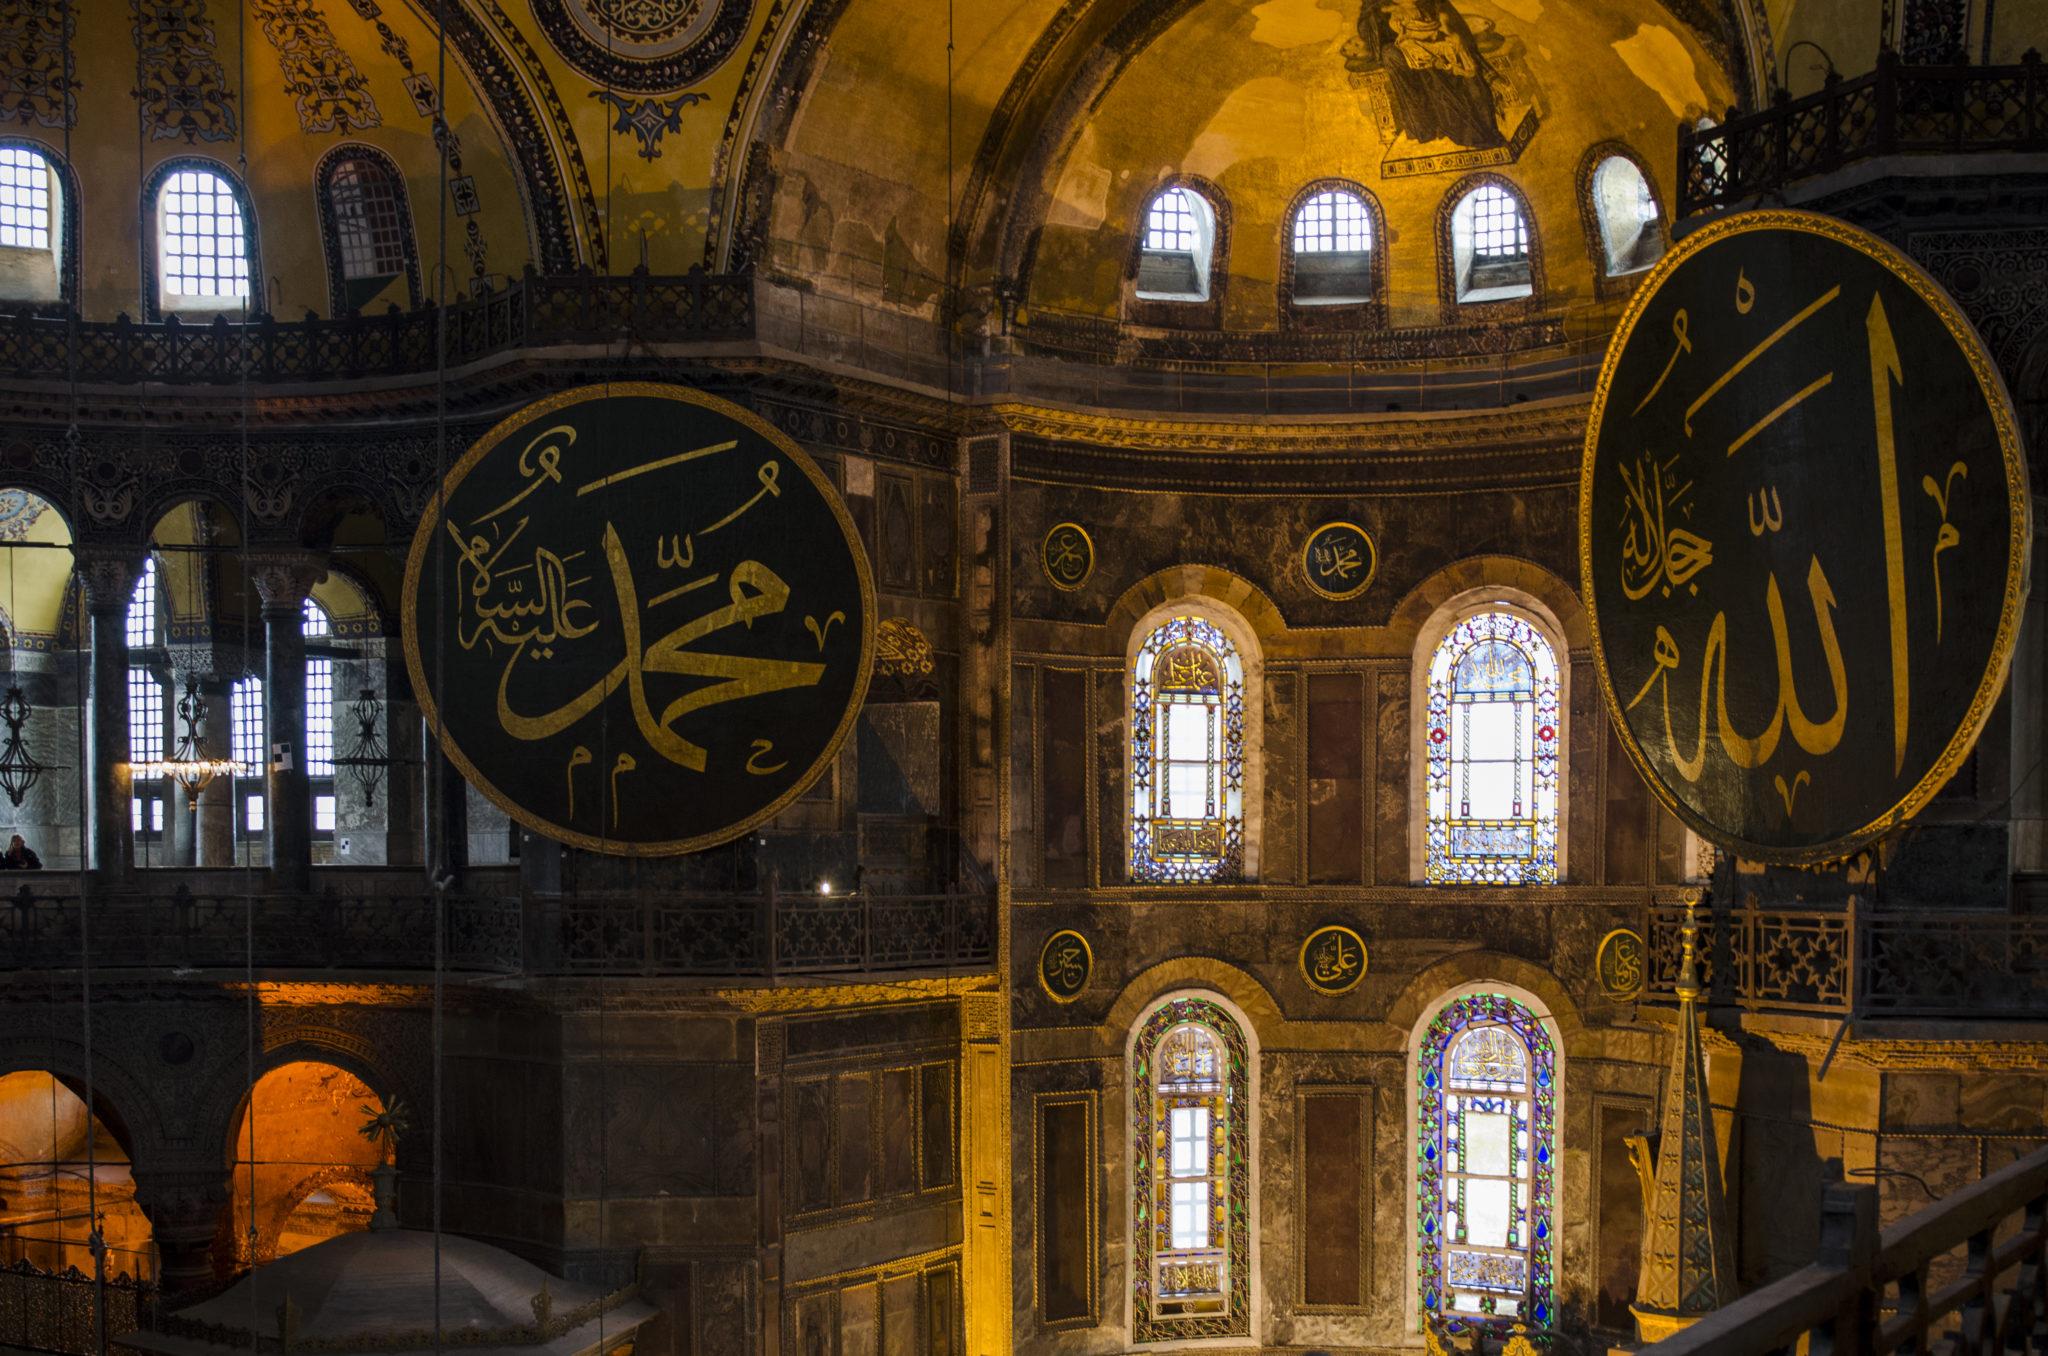 Türkei Reisetipps für Istanbul: Besuch der Haghia Sophia